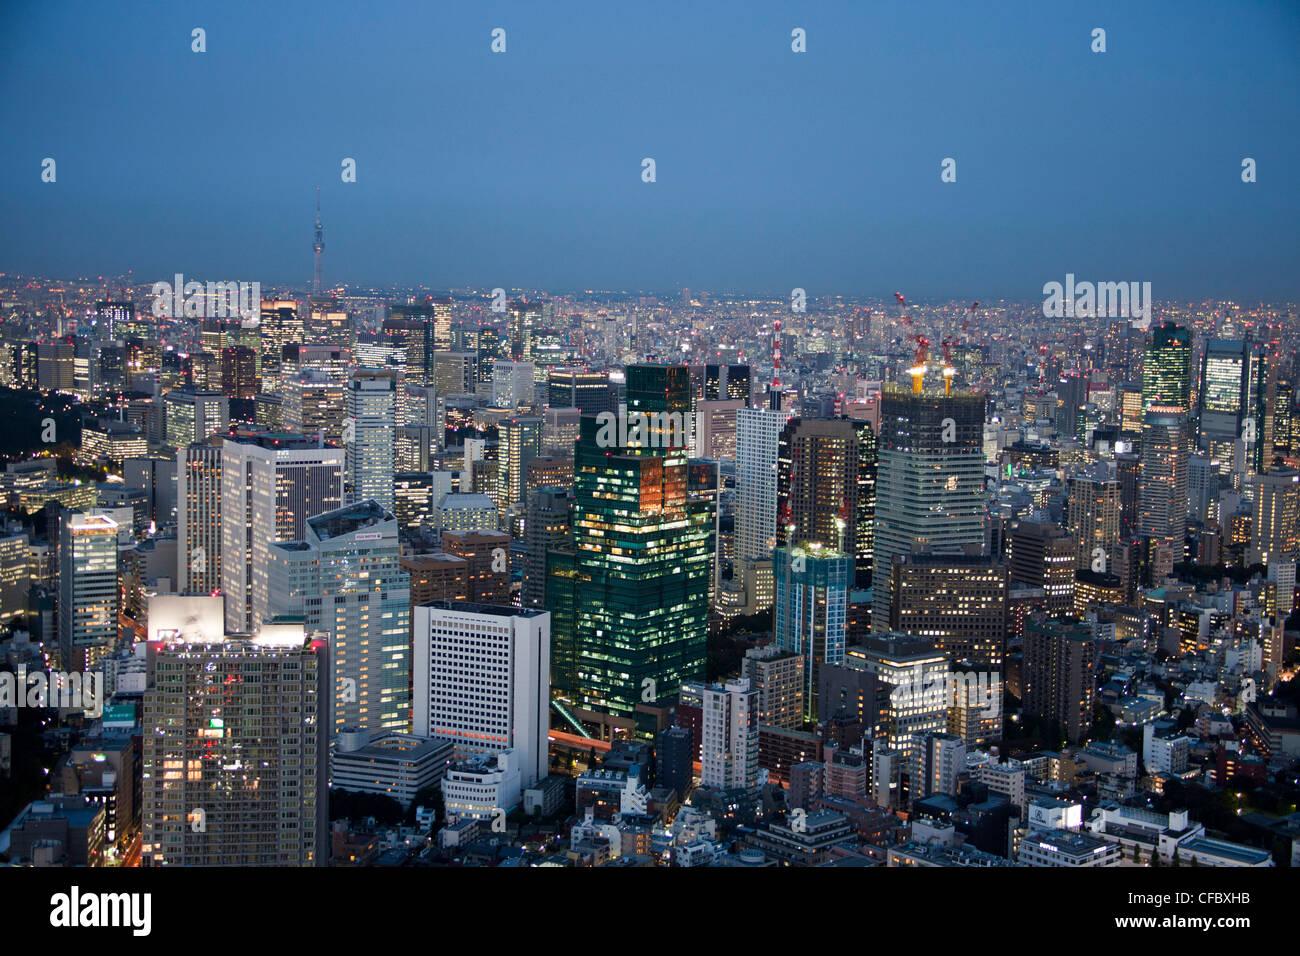 Giappone, Asia, Tokyo, città, centro di Tokyo Sky Tree Tower, architettura, grandi edifici, city e il centro Immagini Stock